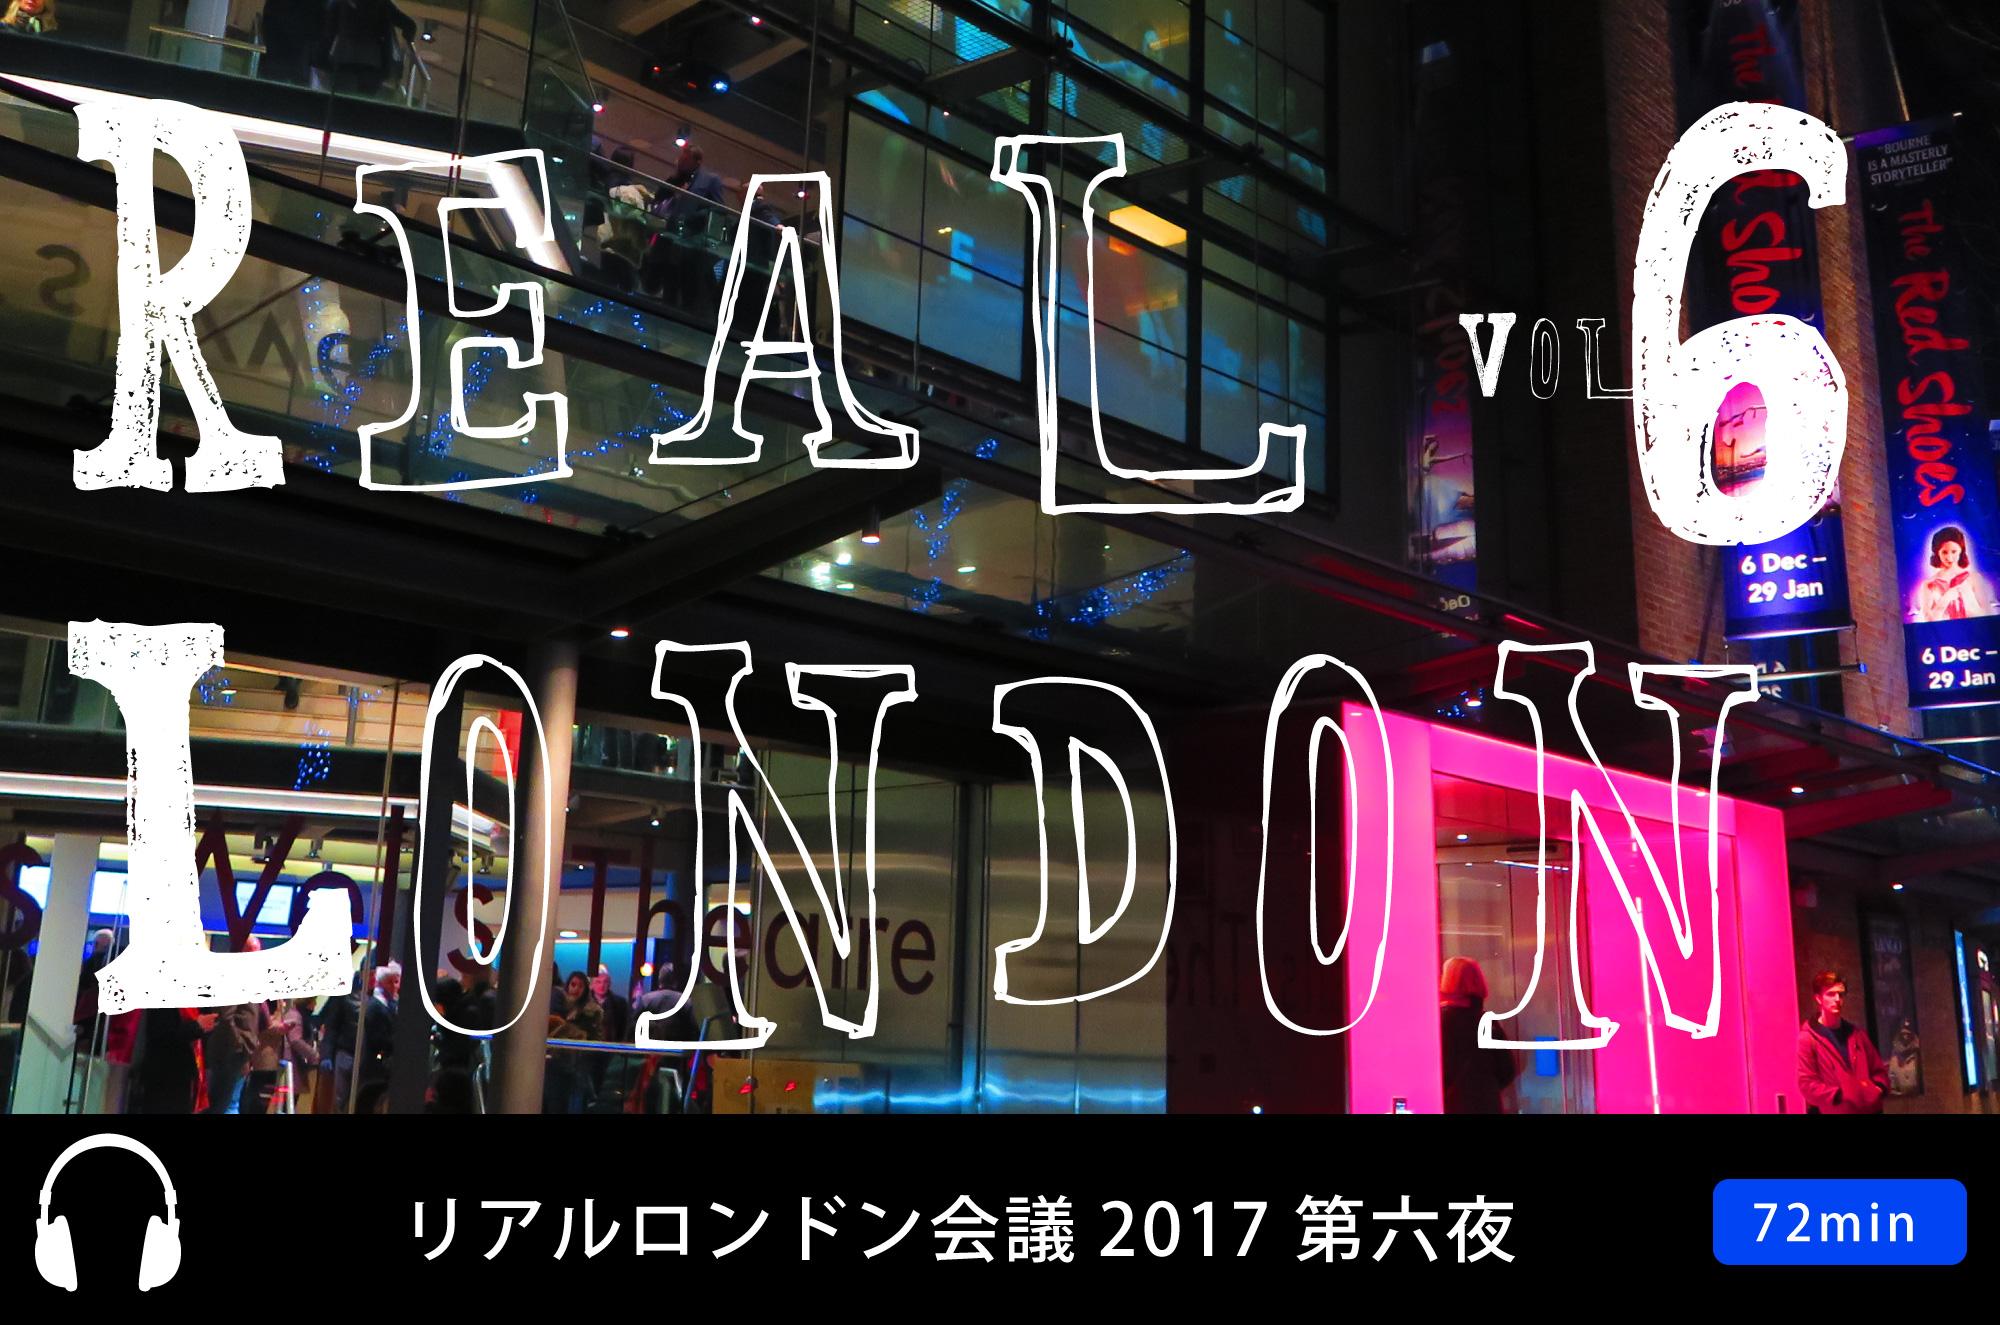 リアルロンドン会議2017・第六夜:「ザ・ロンドン」なキーホルダーを探せ/セルフリッジのイケてる雑貨屋さん/マシュー・ボーン『The Red Shoes』レビュー